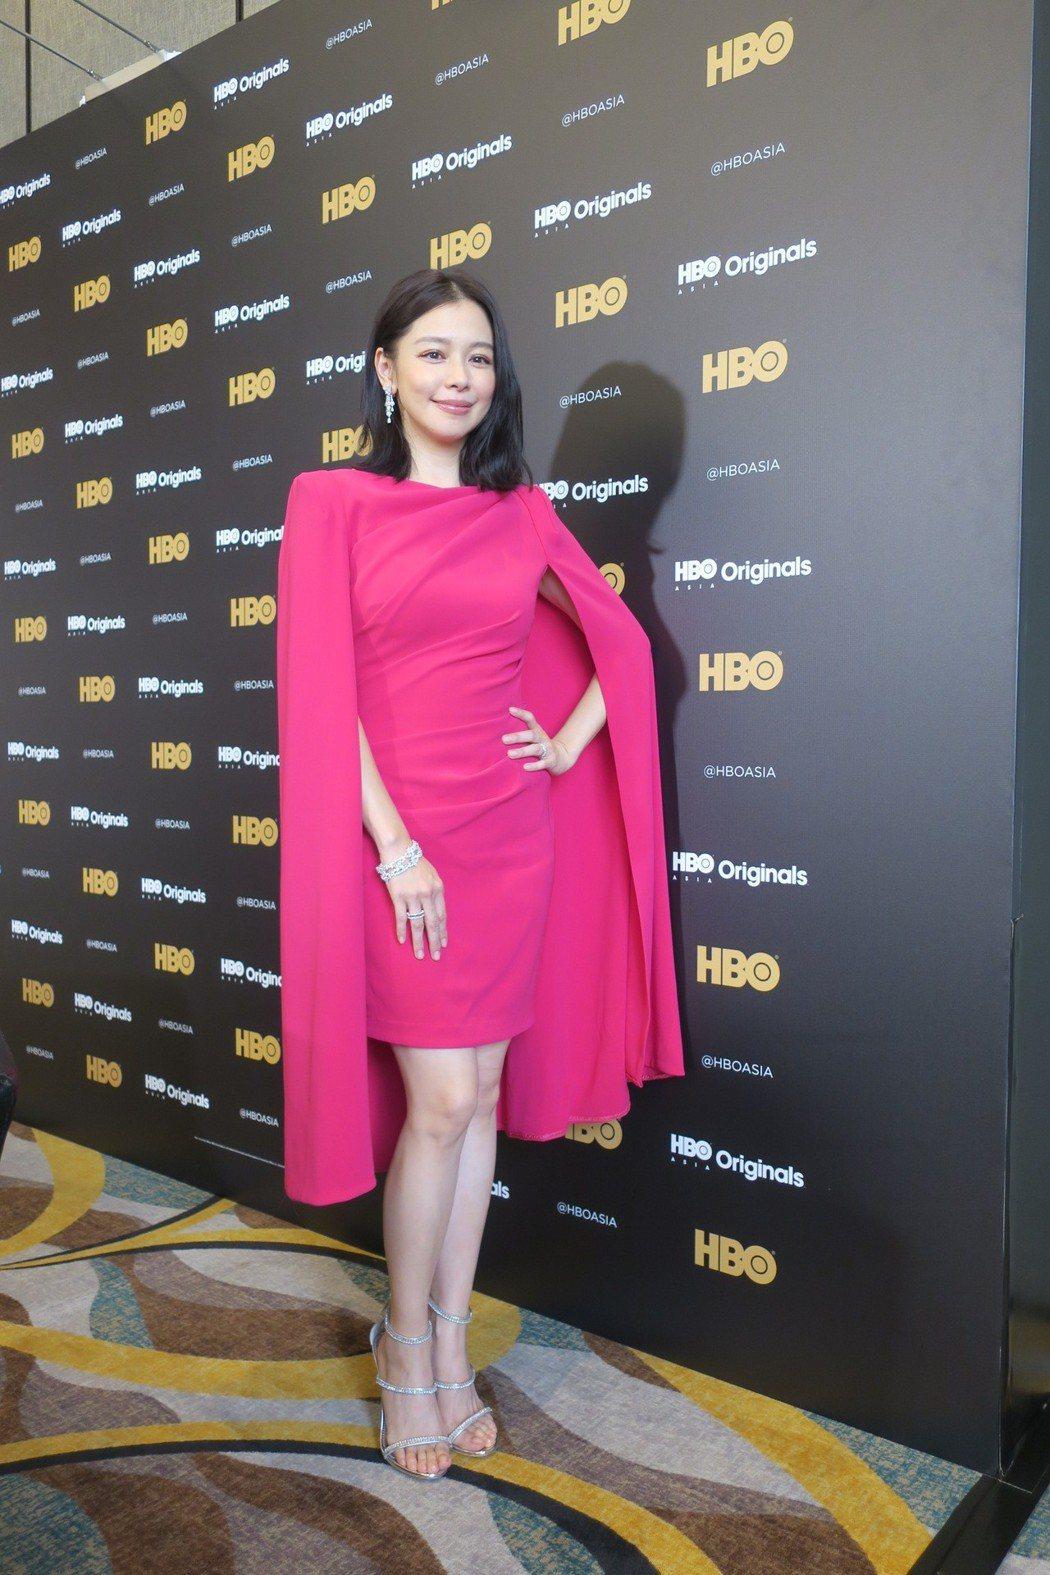 徐若瑄主演HBO新科幻影集「獵夢特工」。記者蘇詠智/攝影